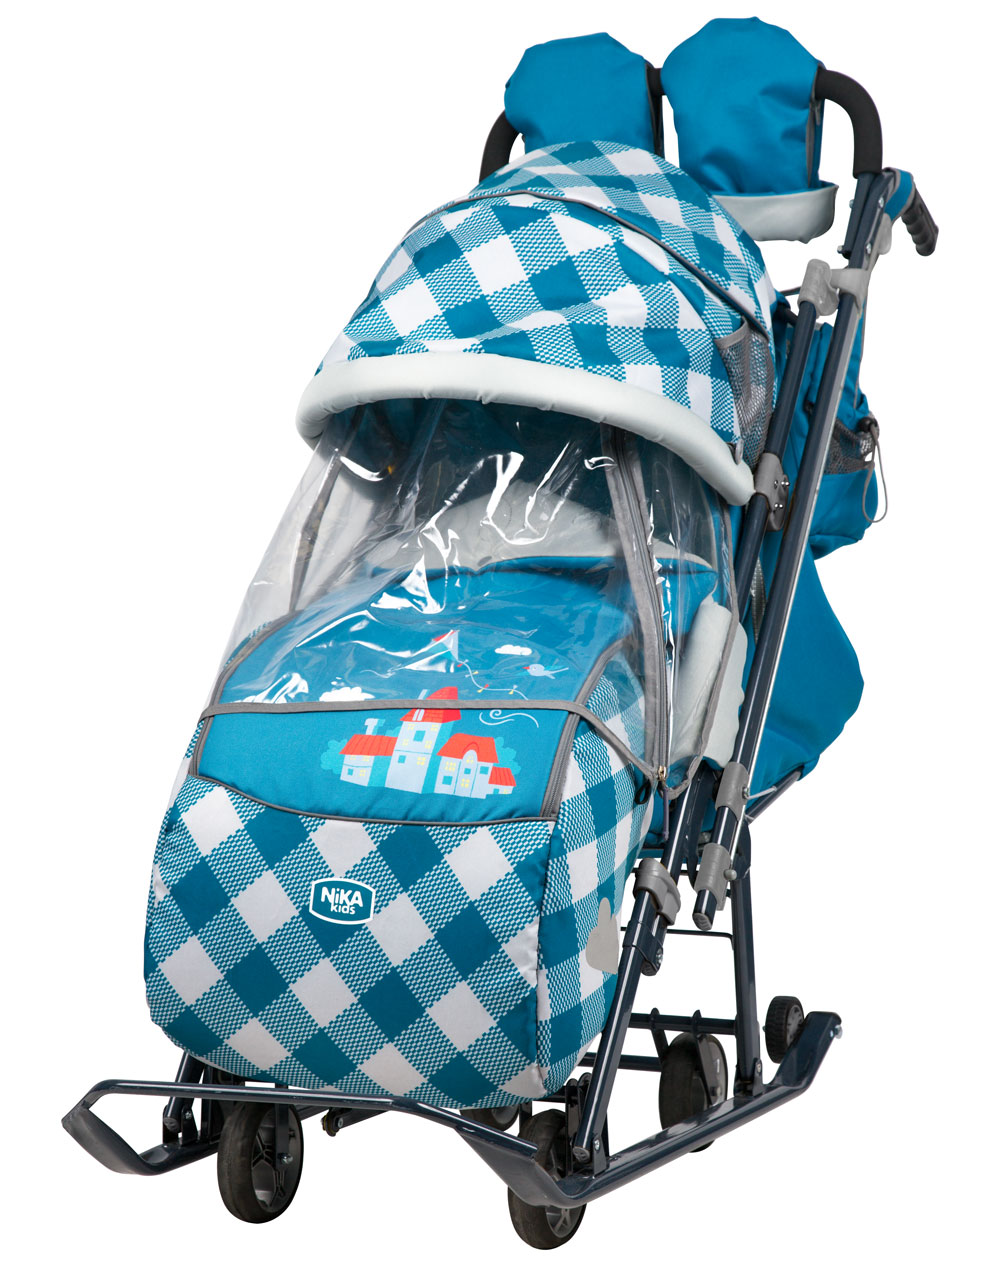 Санки коляска Ника Детям 7 4 Капри в клетку, - фото 1